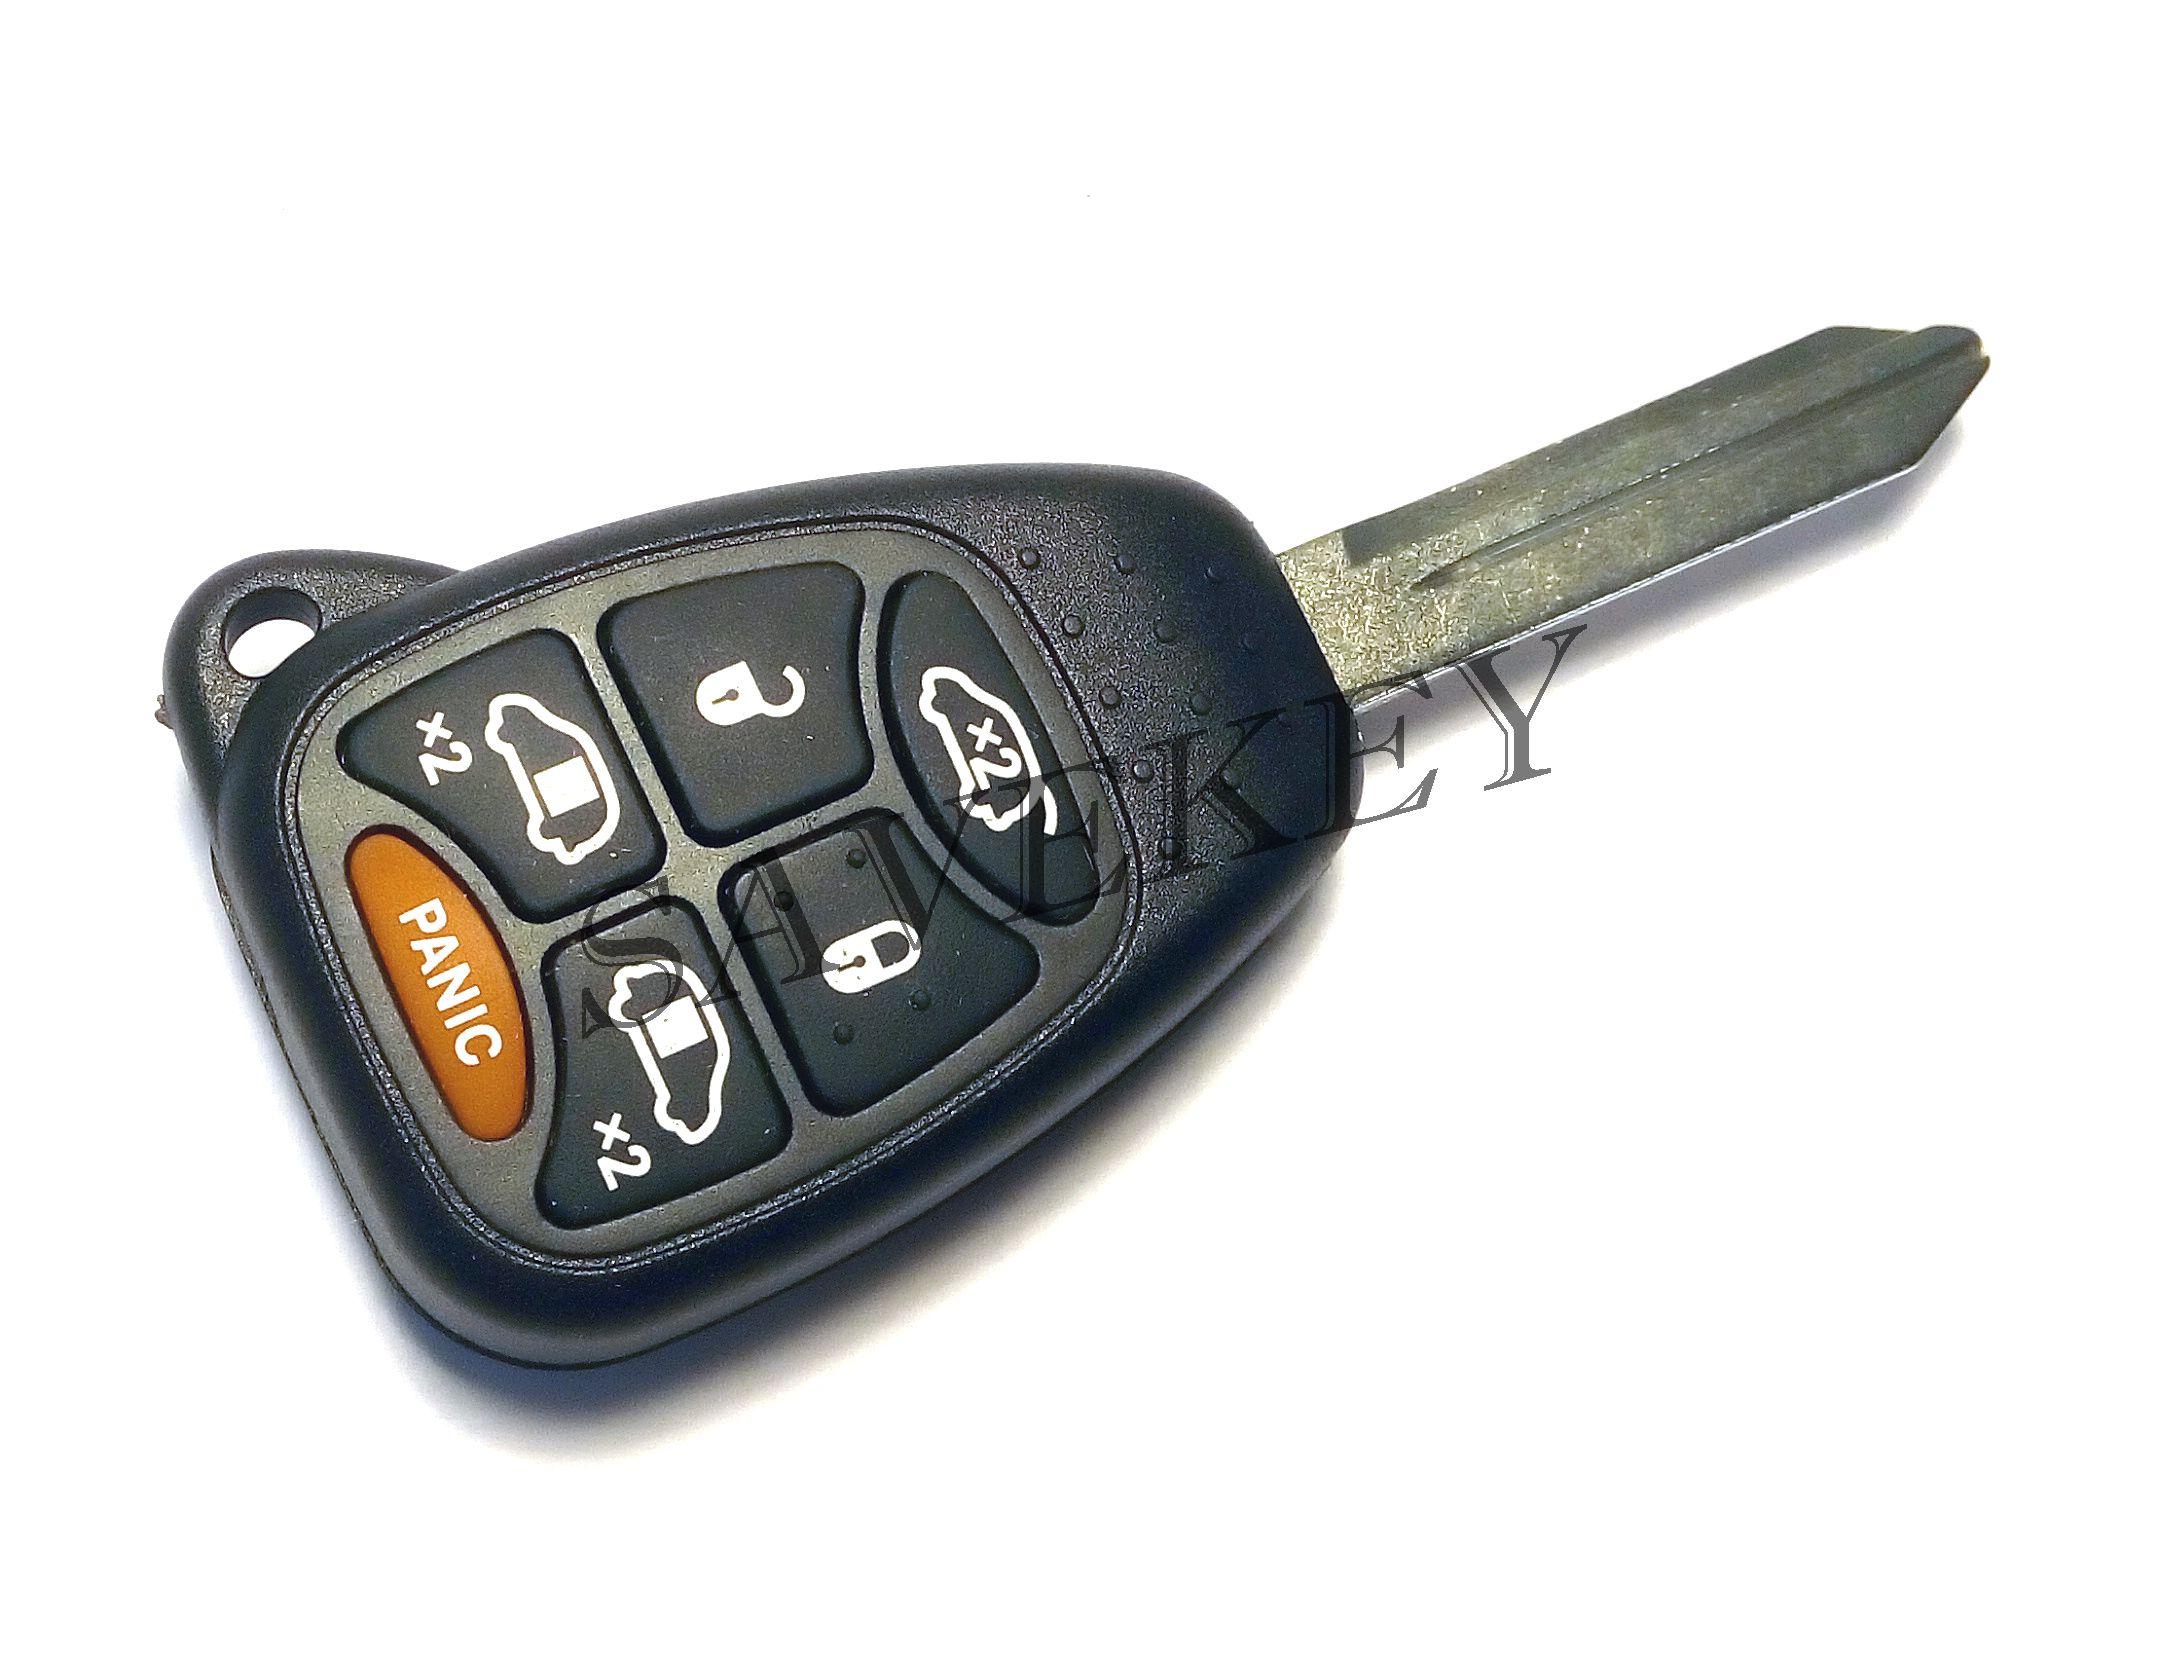 Дистанционный ключ Dodge для моделей Caliber, Caravan, Durango, Journeo, Neon, Ram, Stratus 6 кнопок 433 Mhz